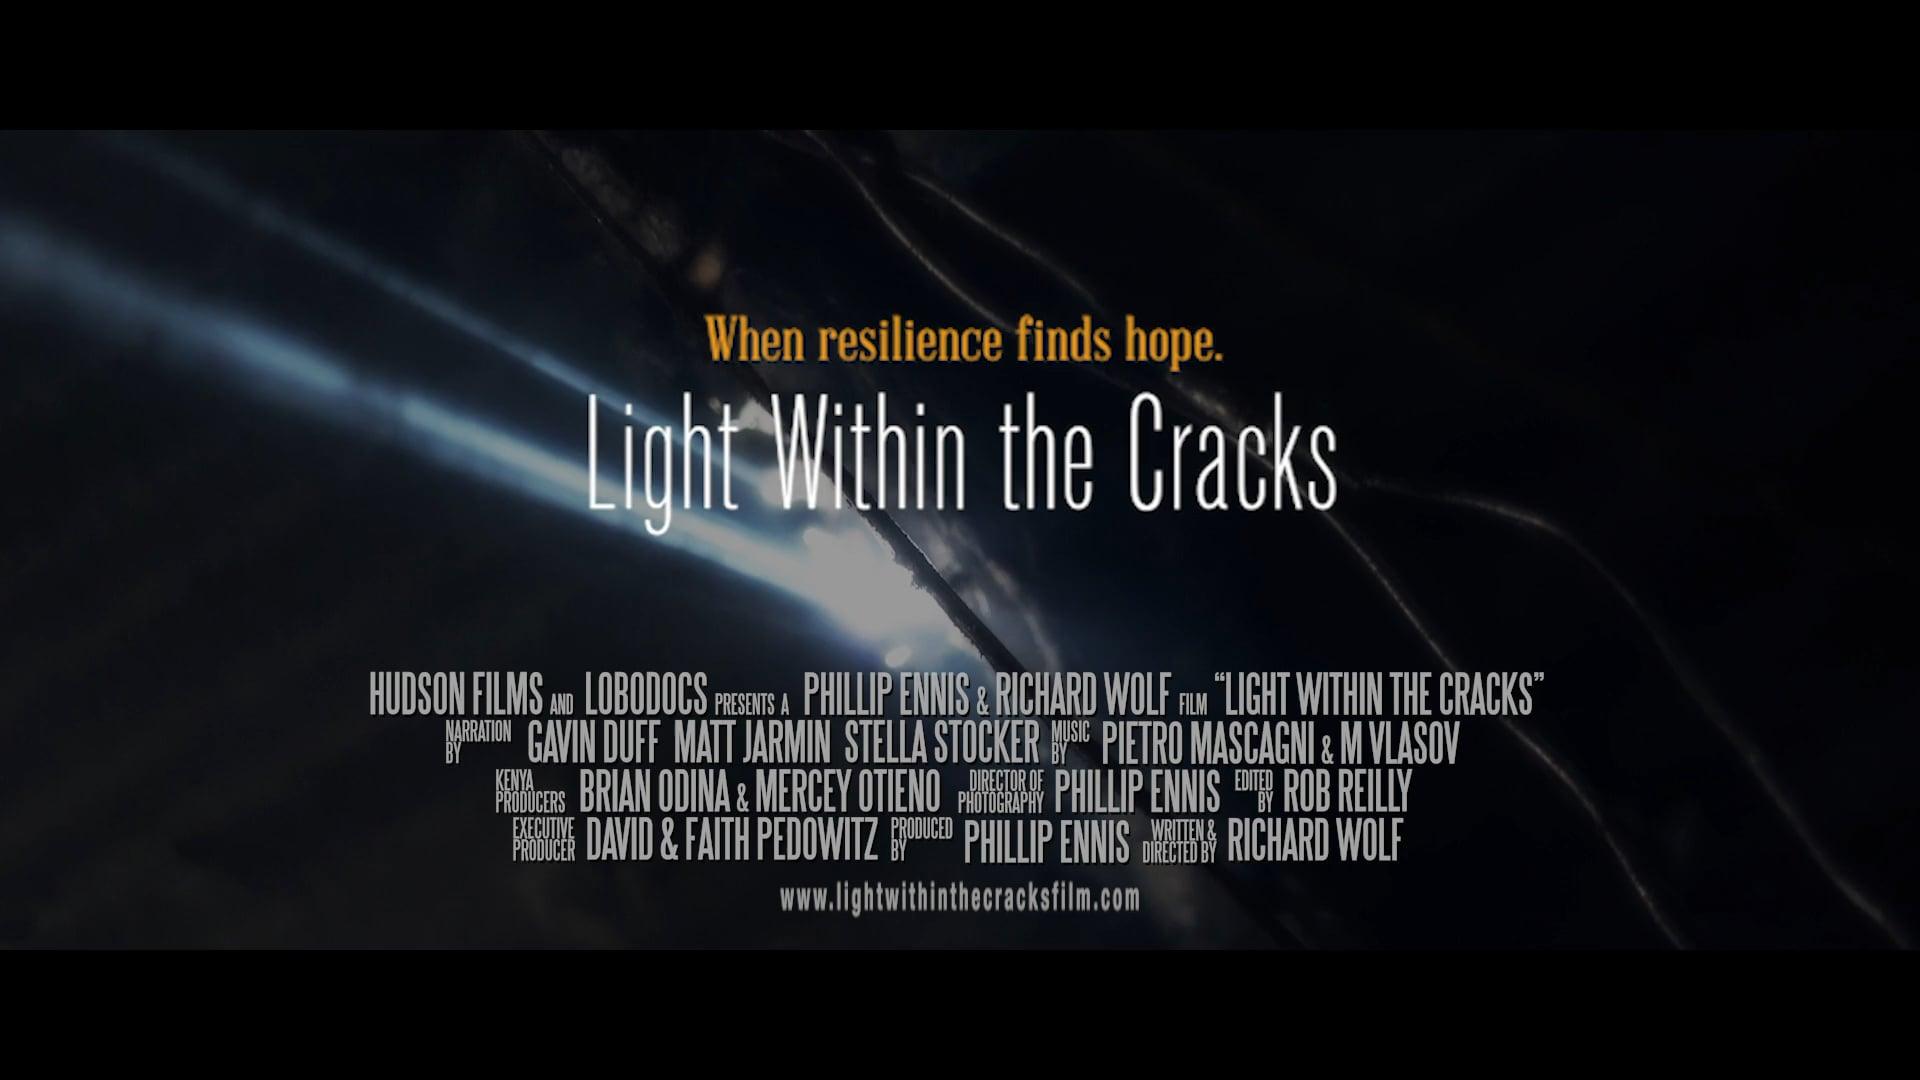 Light Within the Cracks - Trailer